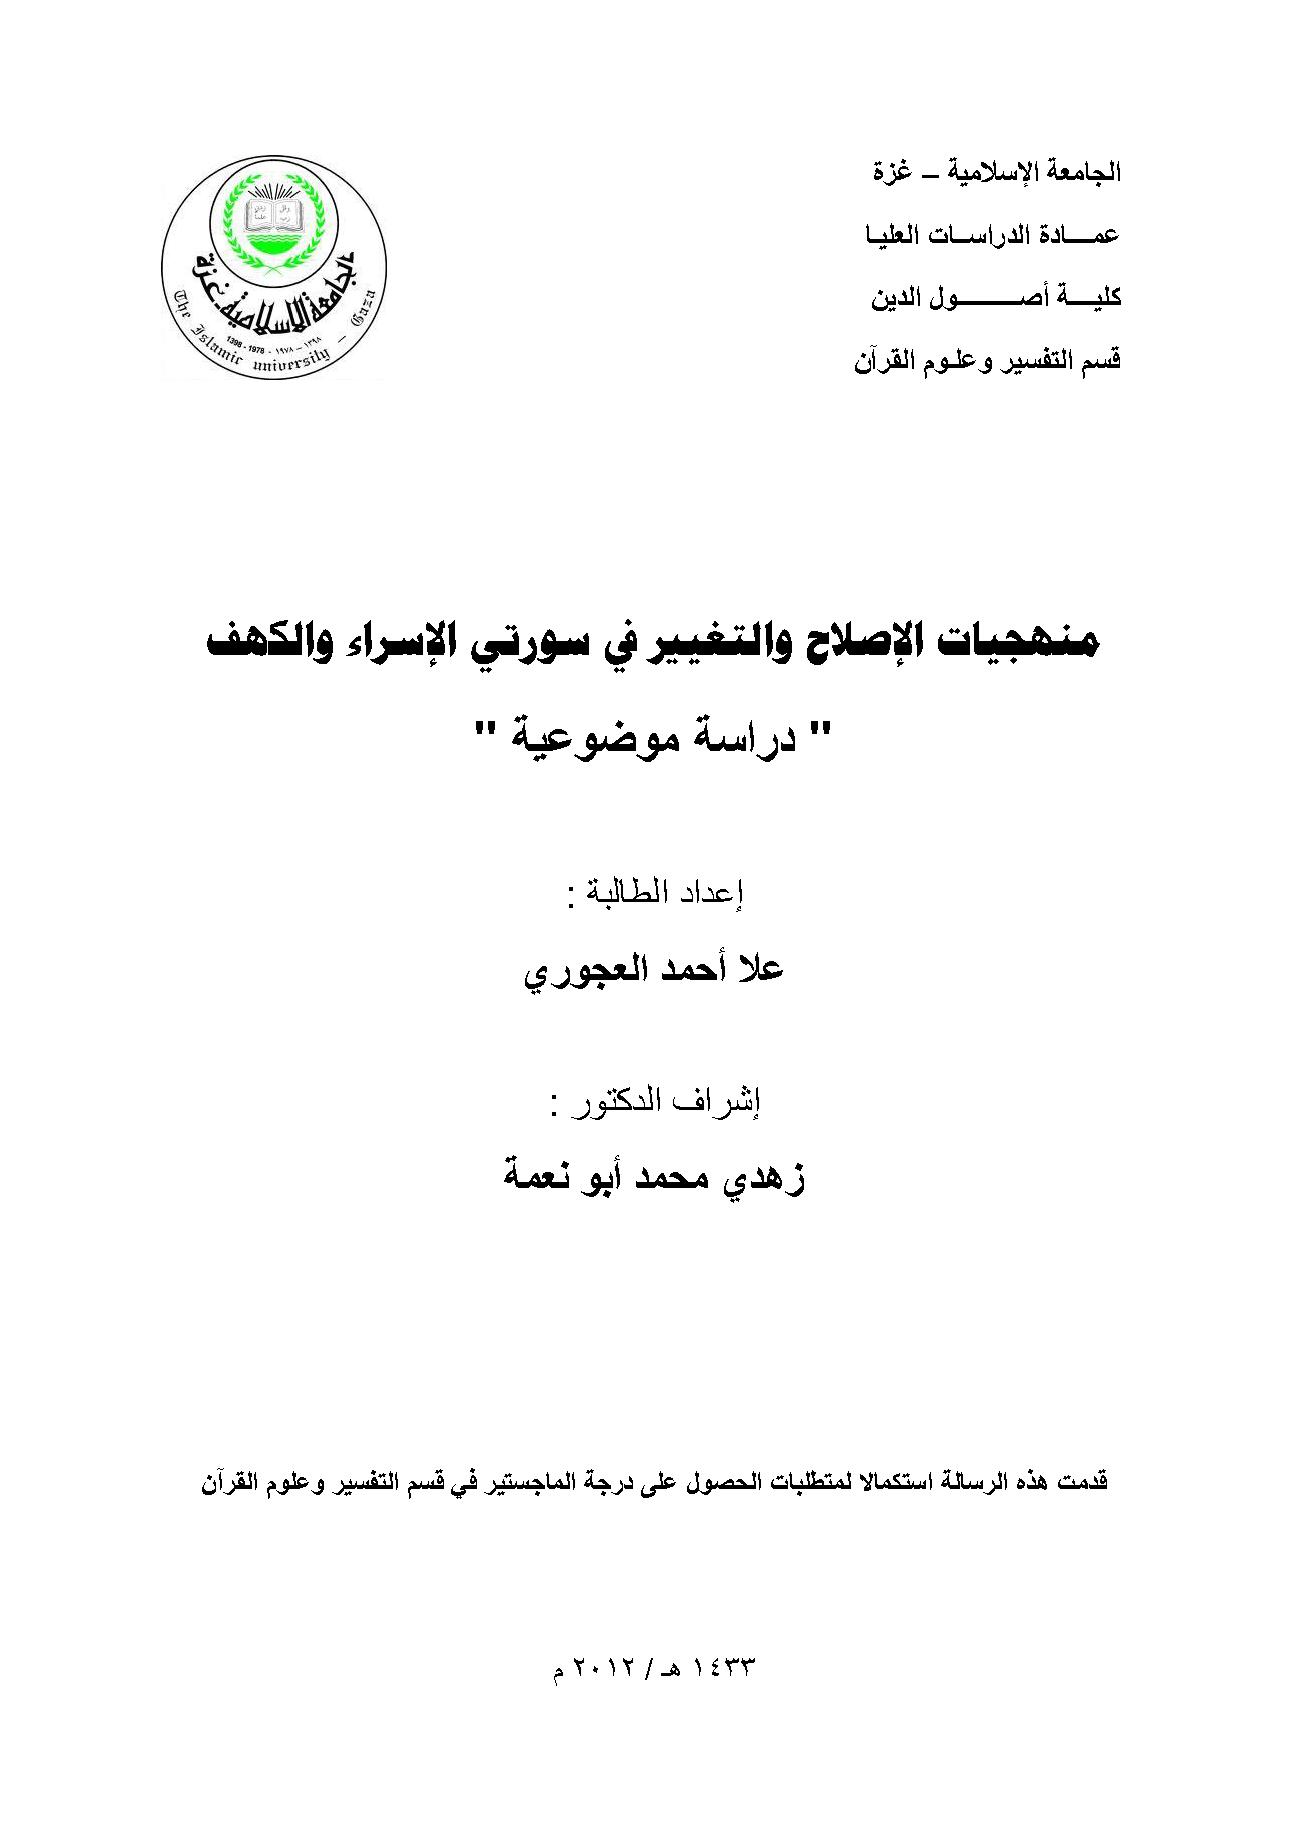 تحميل كتاب منهجيات الإصلاح والتغيير في سورتي الإسراء والكهف (دراسة موضوعية) لـِ: علا أحمد العجوري